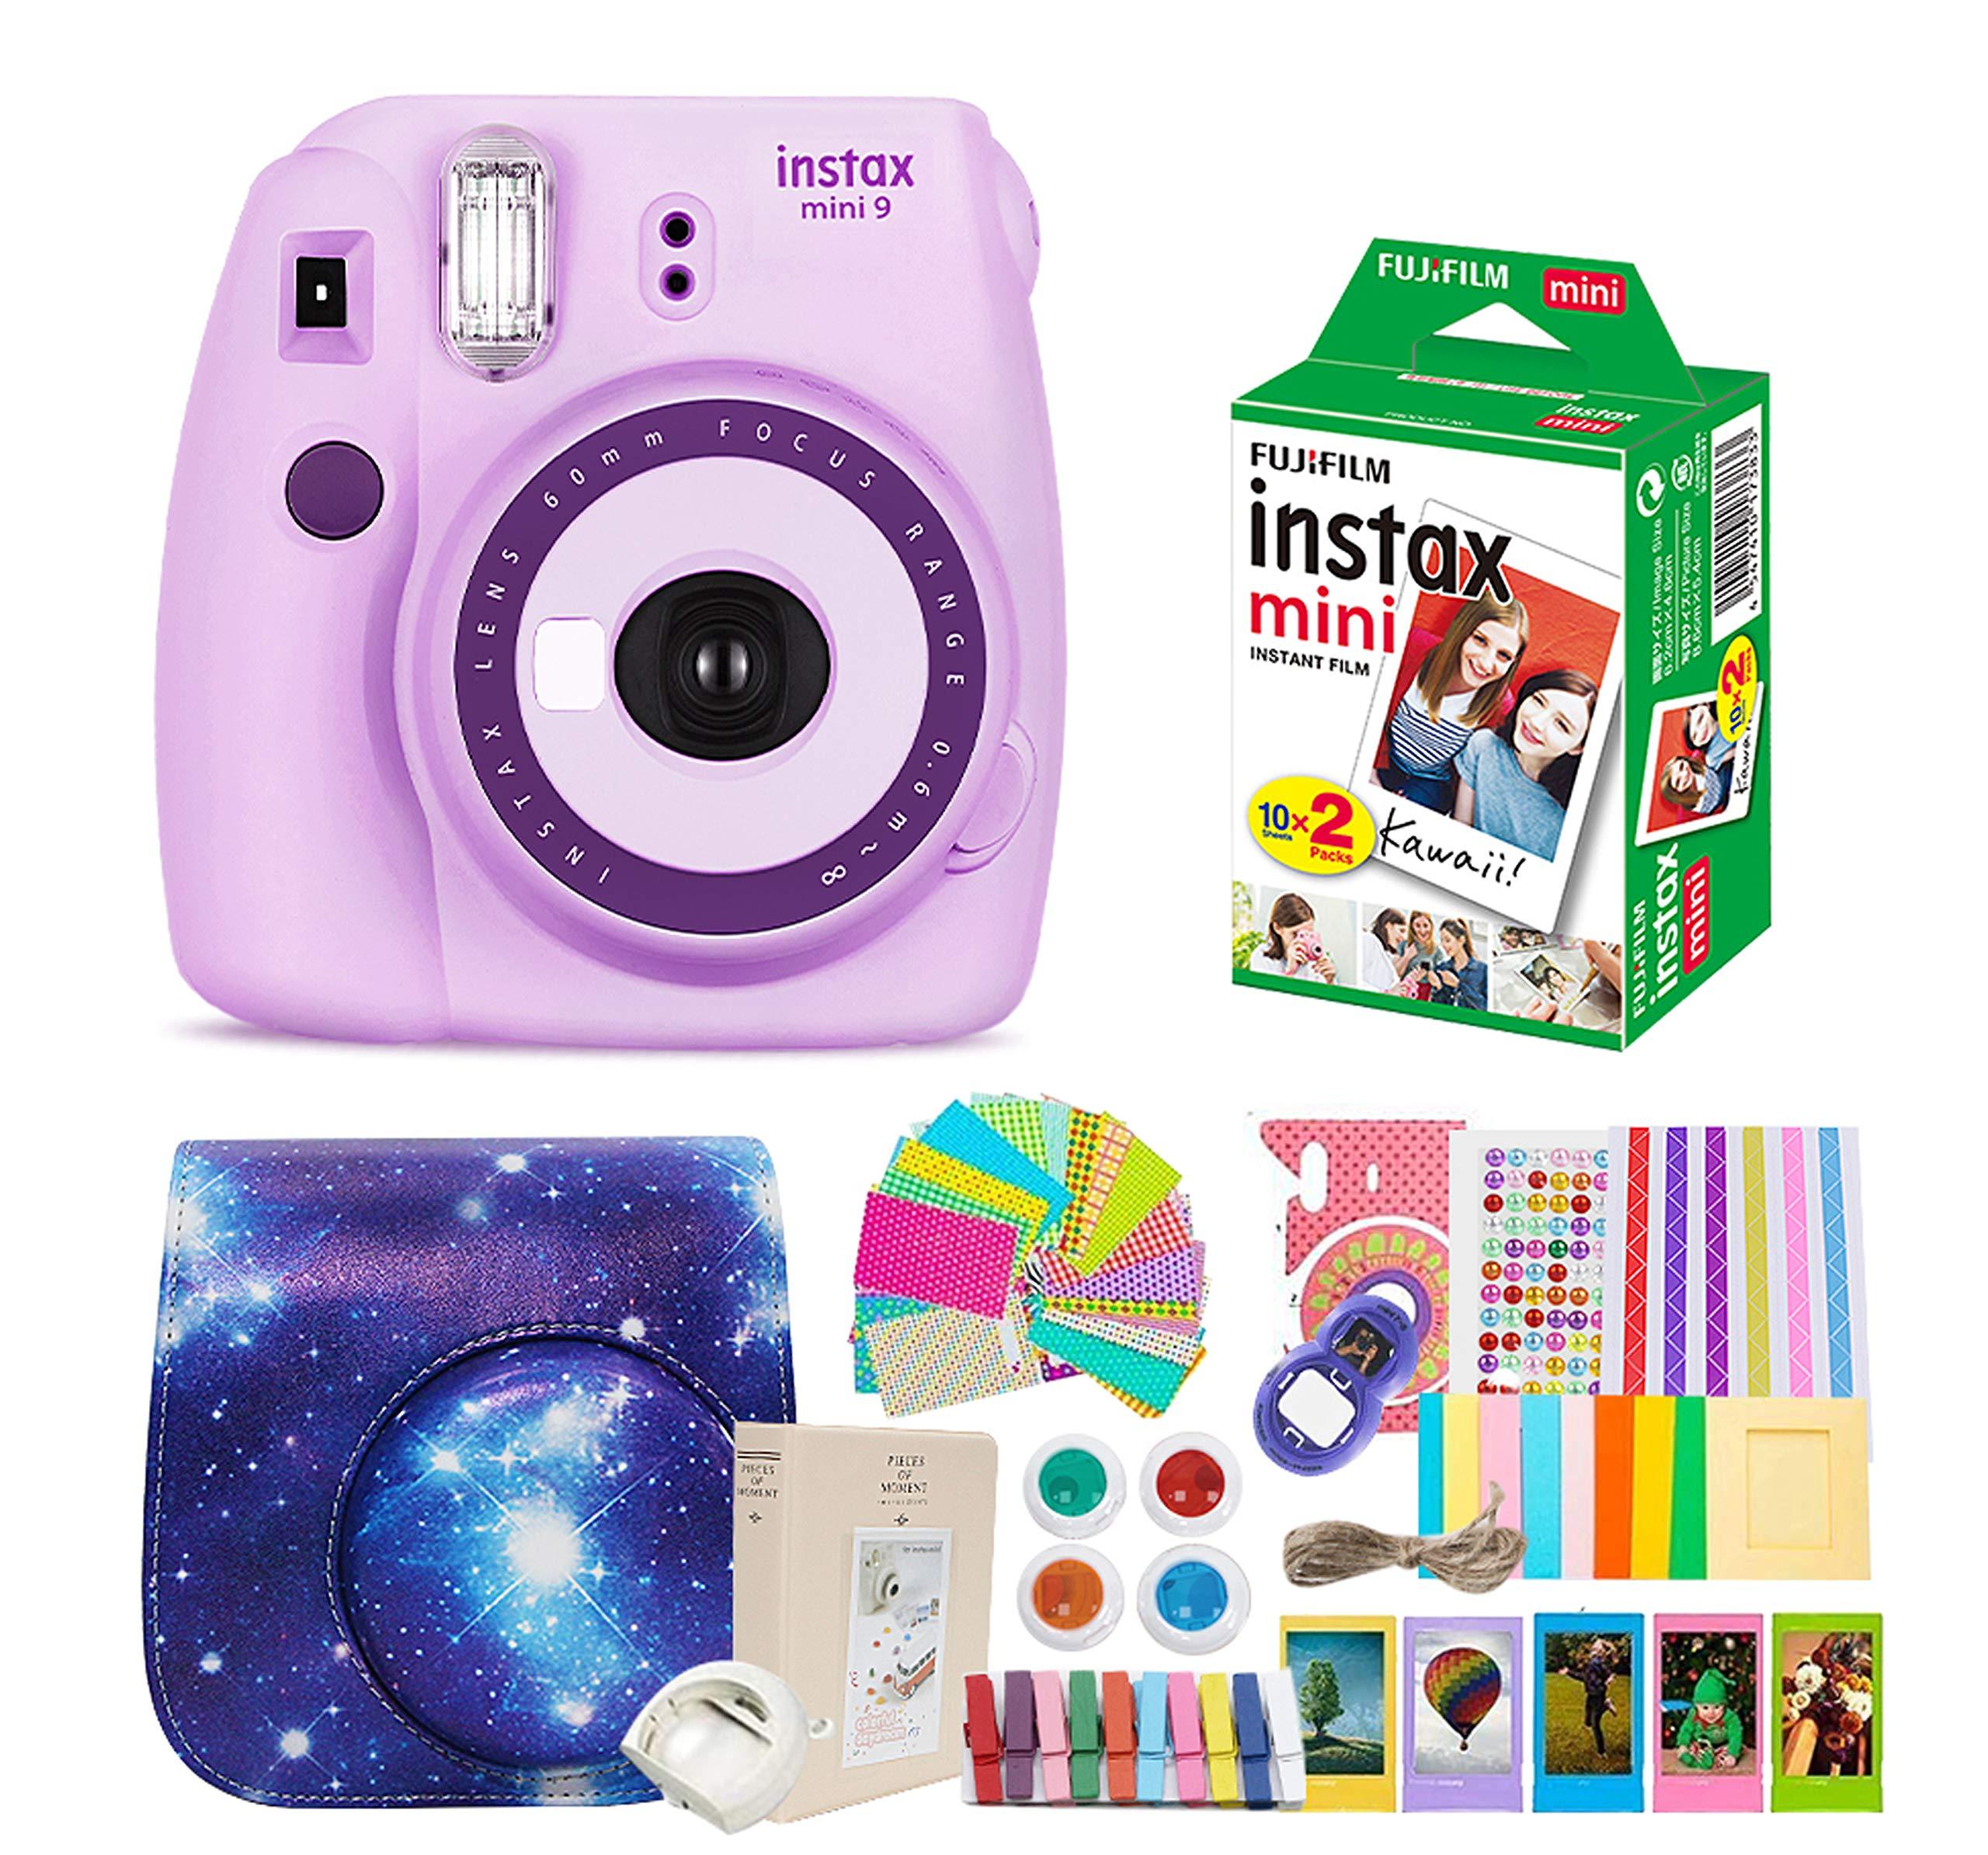 Fujifilm Instax Mini 9 Camera + Fujifilm Instax Mini Camera + Camera Instax Mini 9 Purple+ Instax Mini 9 Case + Instax Accessories Kit Bundle, Instant Camera Gift Sets - Light Purple by Nishow